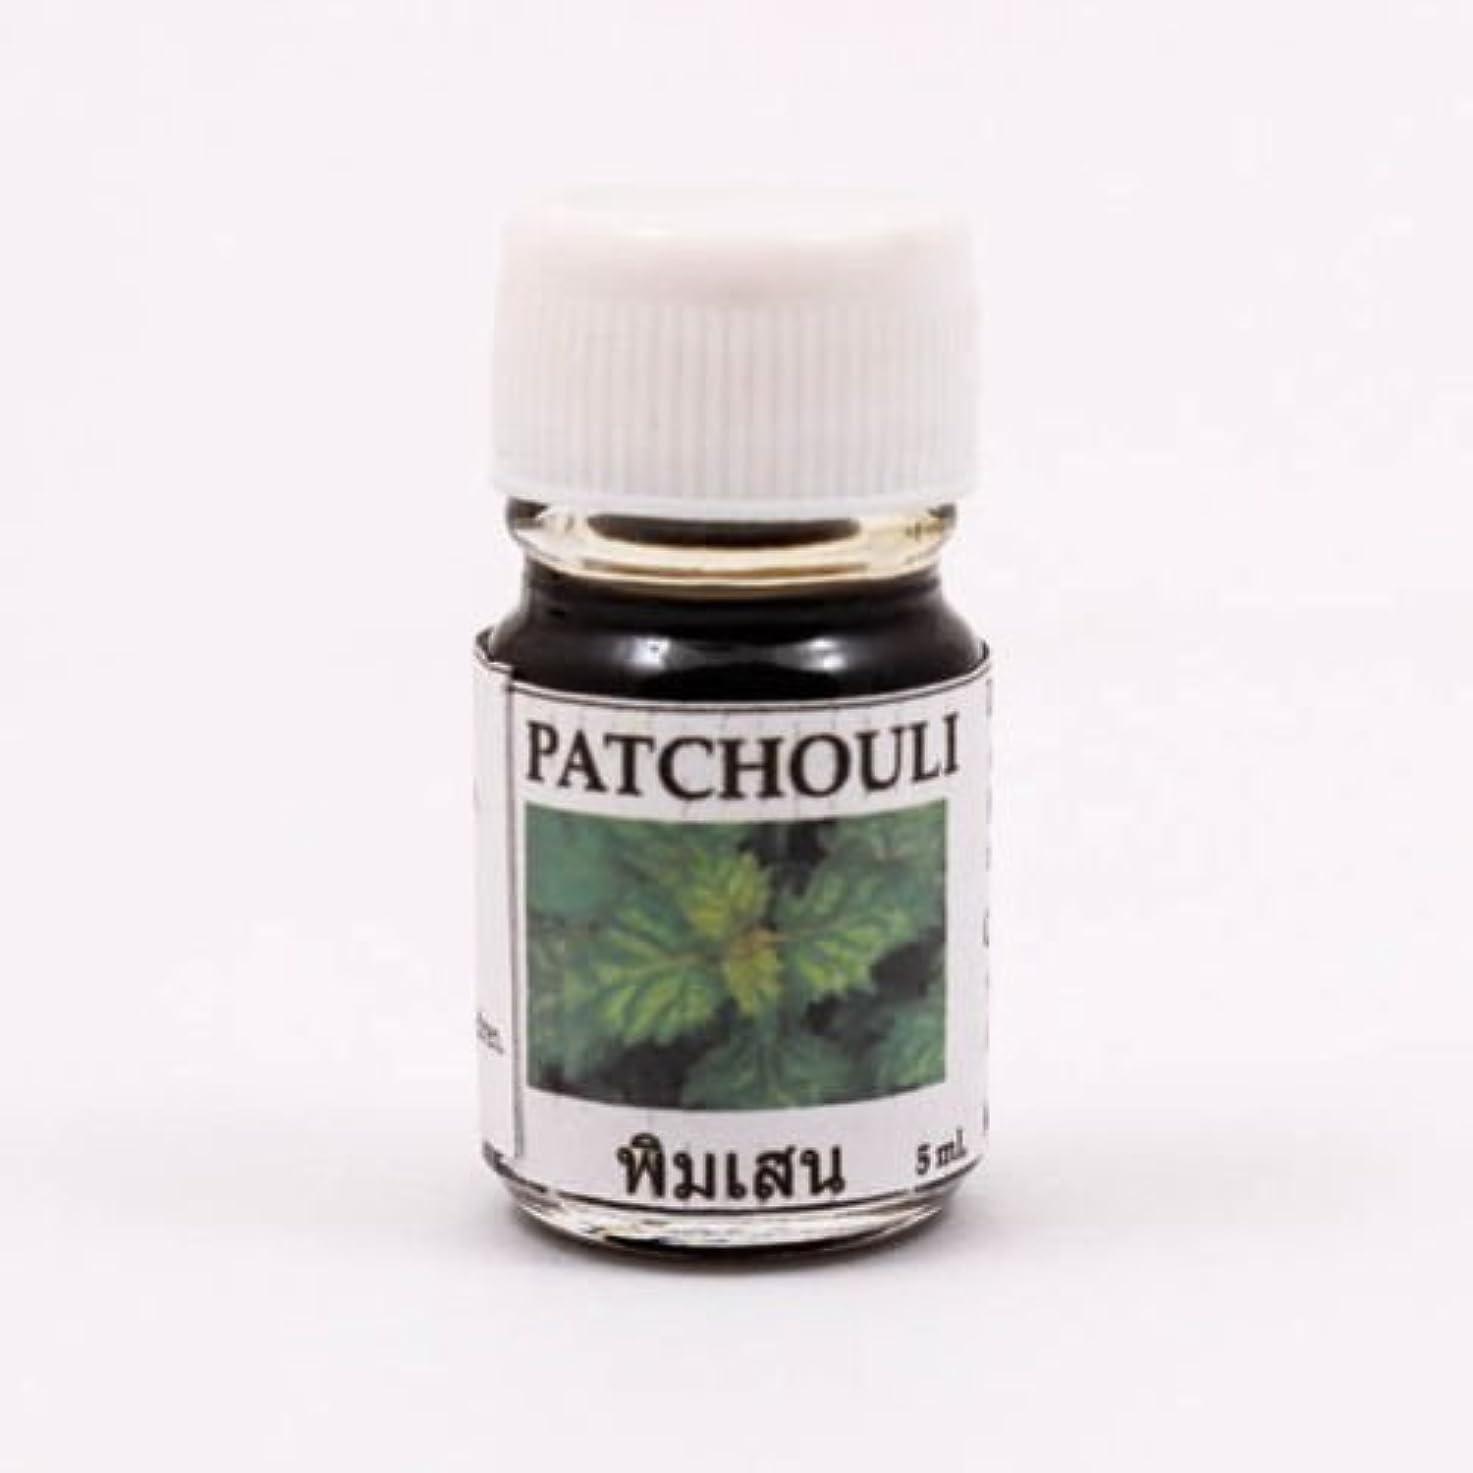 コンピューターを使用する重要事前に6X Patchouli Aroma Fragrance Essential Oil 5ML. cc Diffuser Burner Therapy